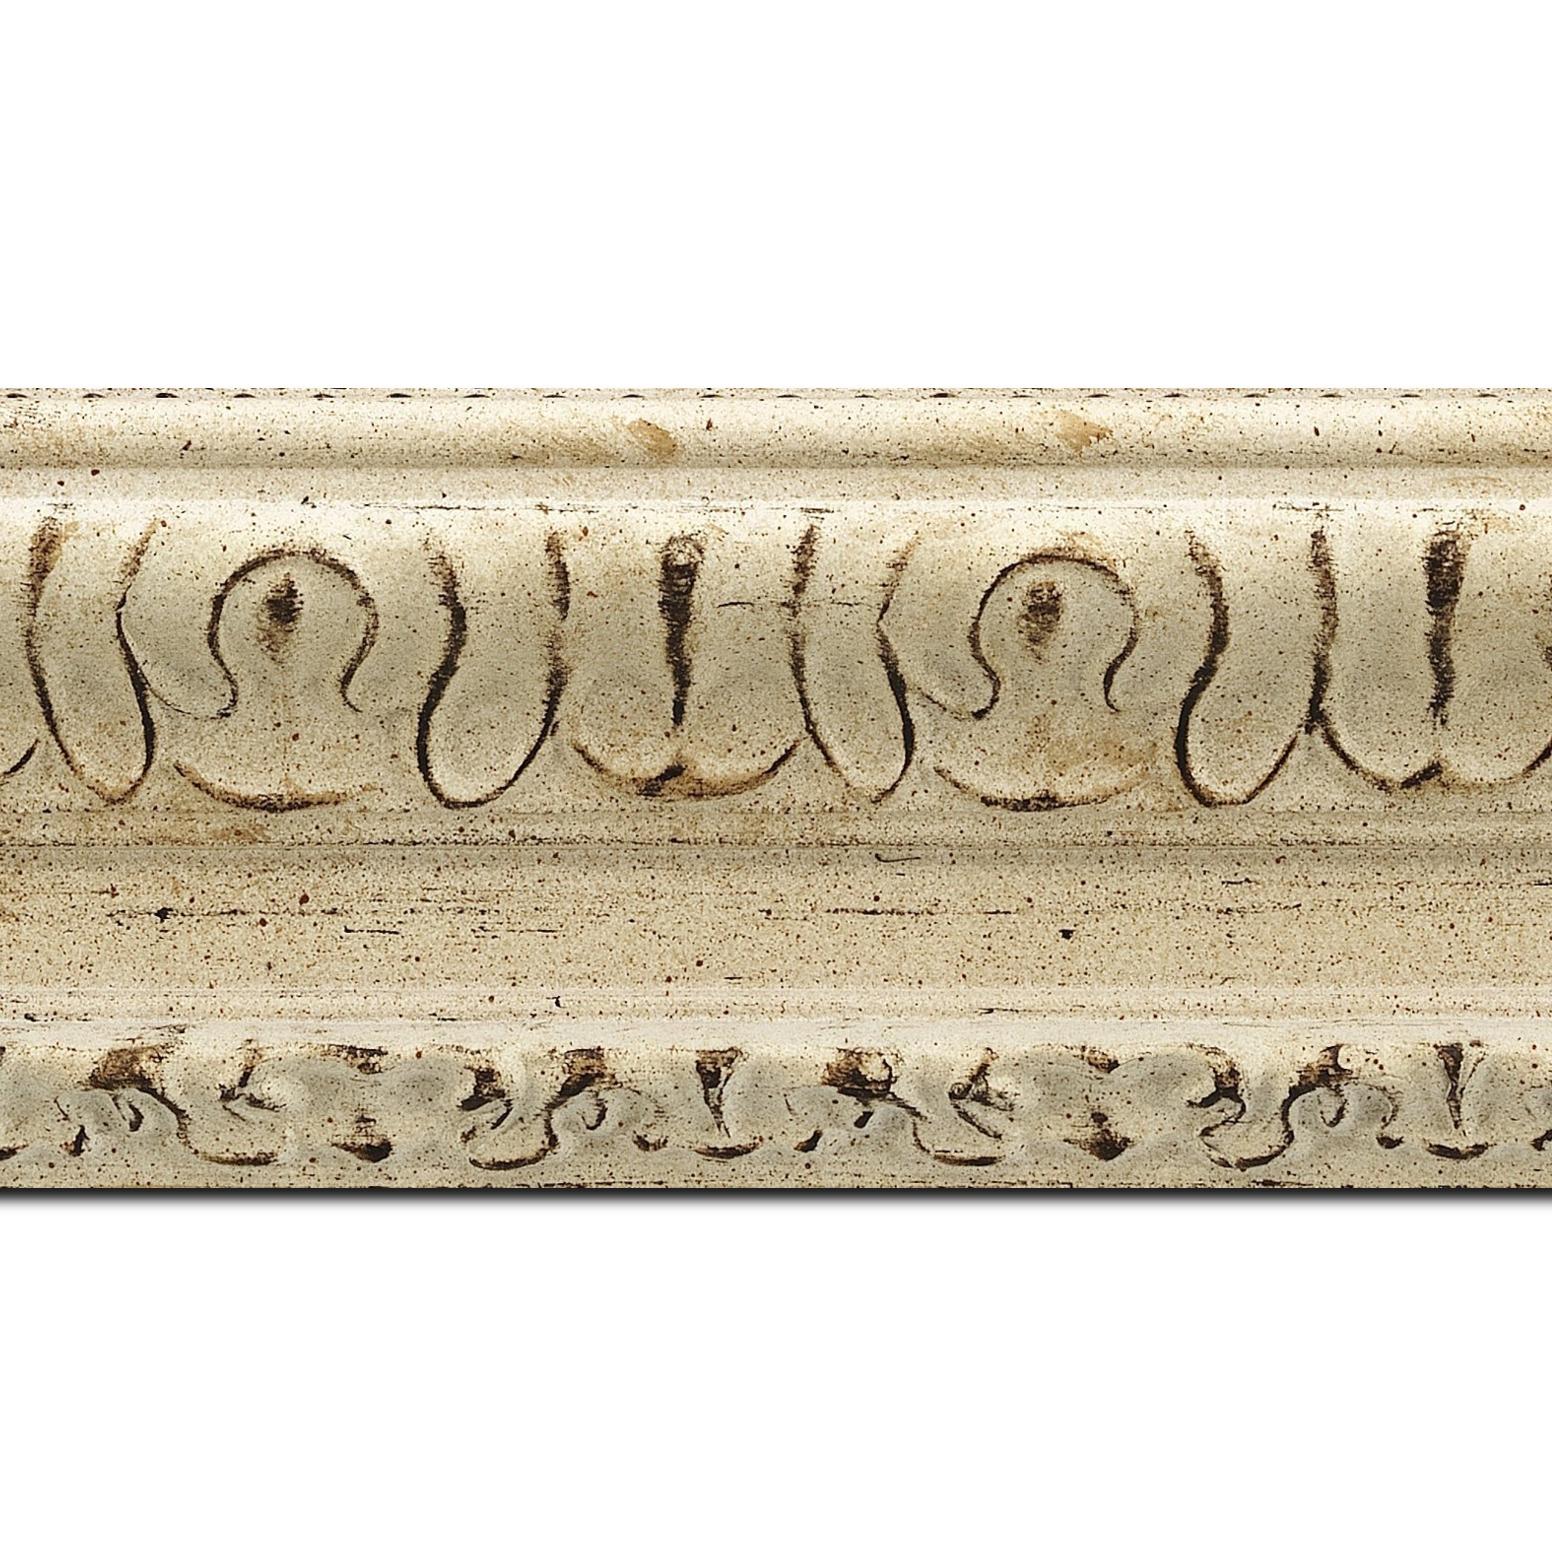 Pack par 12m, bois profil incurvé largeur 8cm blanchie finition antiquaire  (longueur baguette pouvant varier entre 2.40m et 3m selon arrivage des bois)